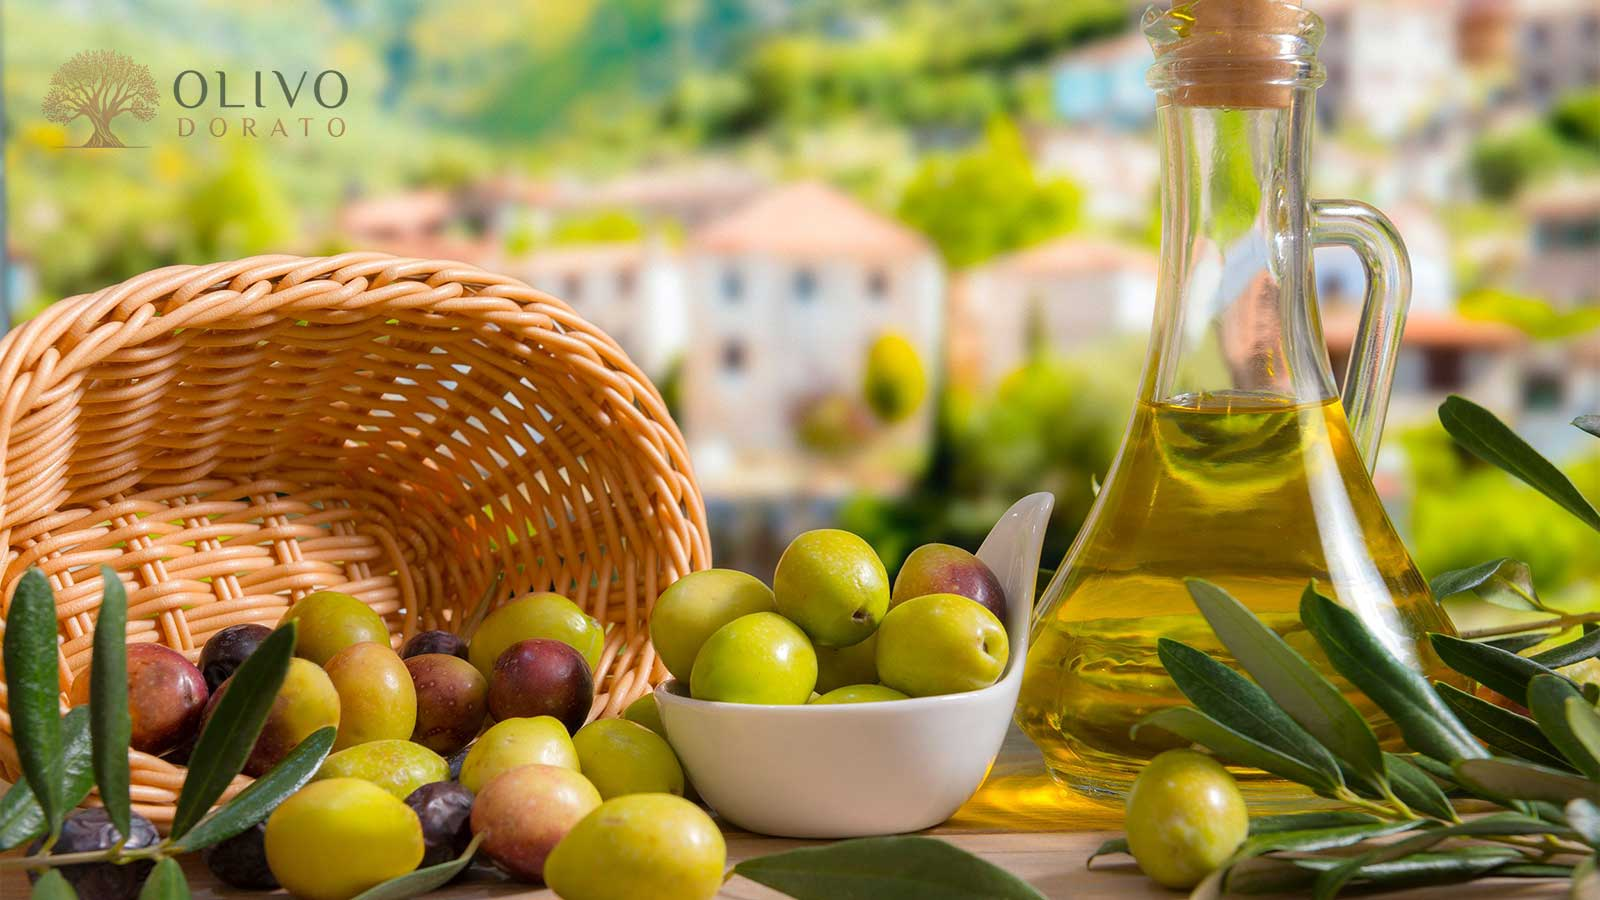 sind Oliven gesund